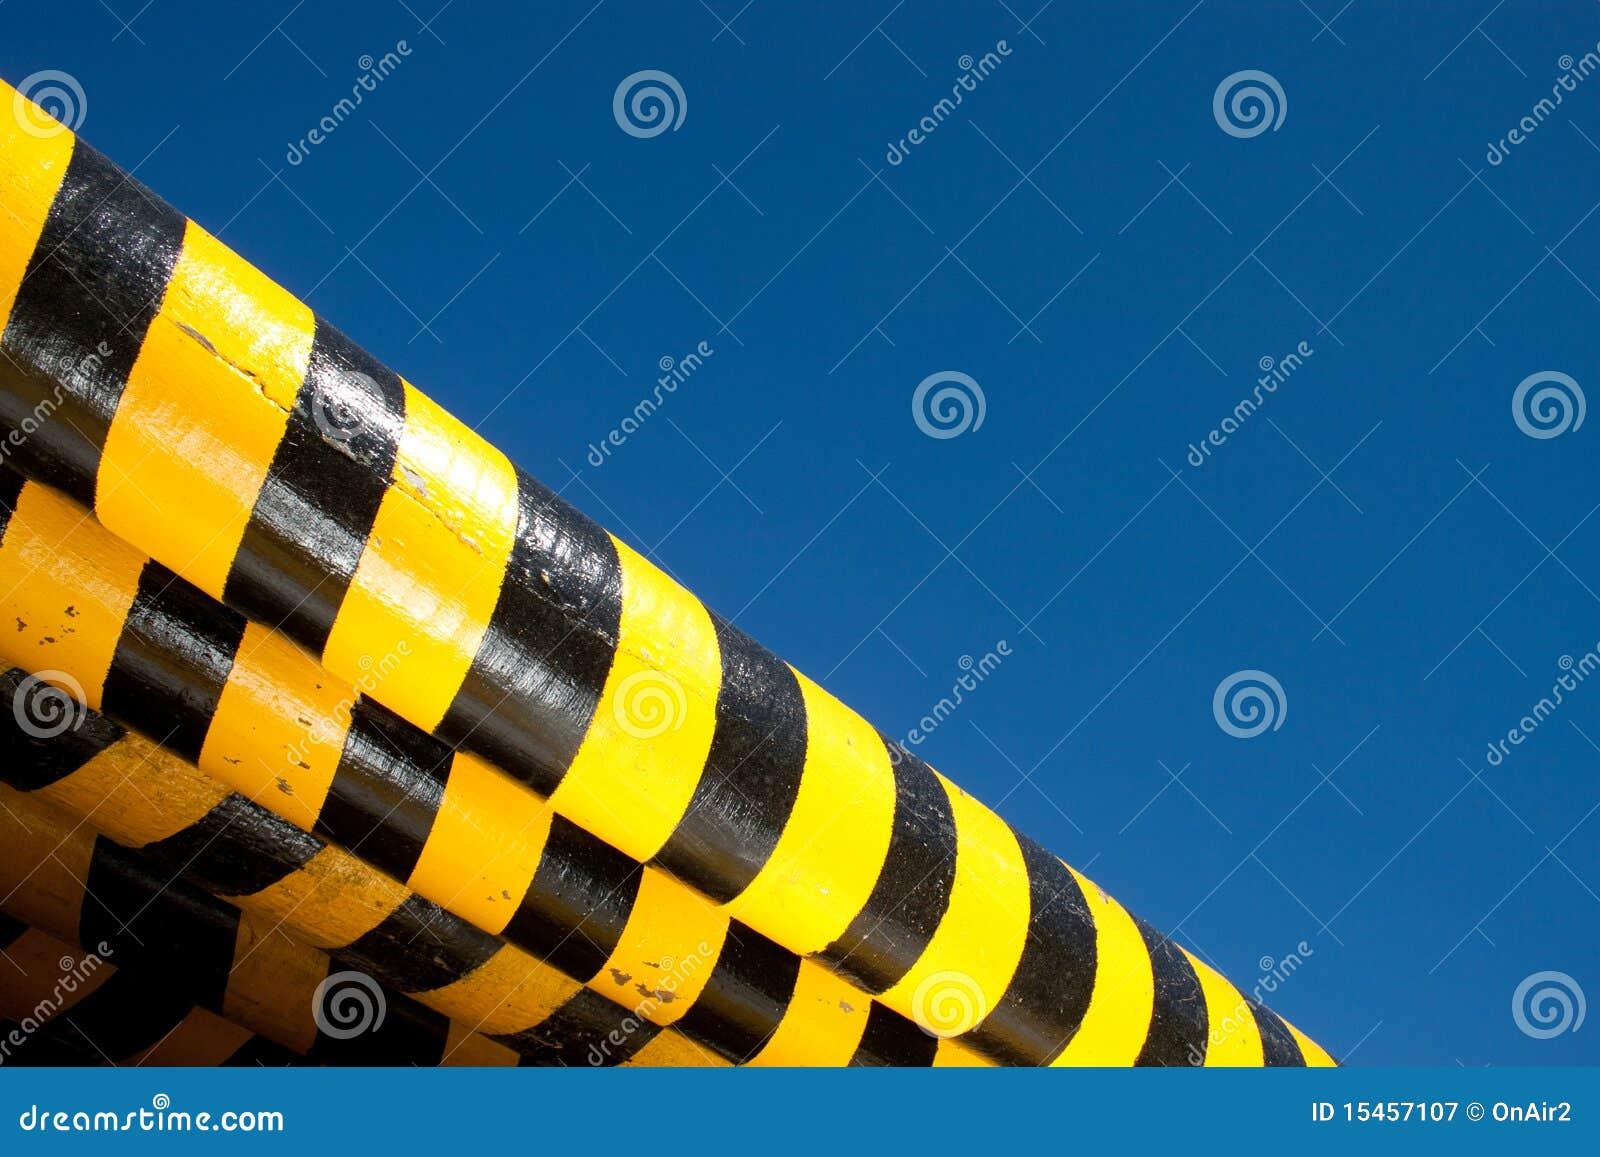 Hazard Barriers